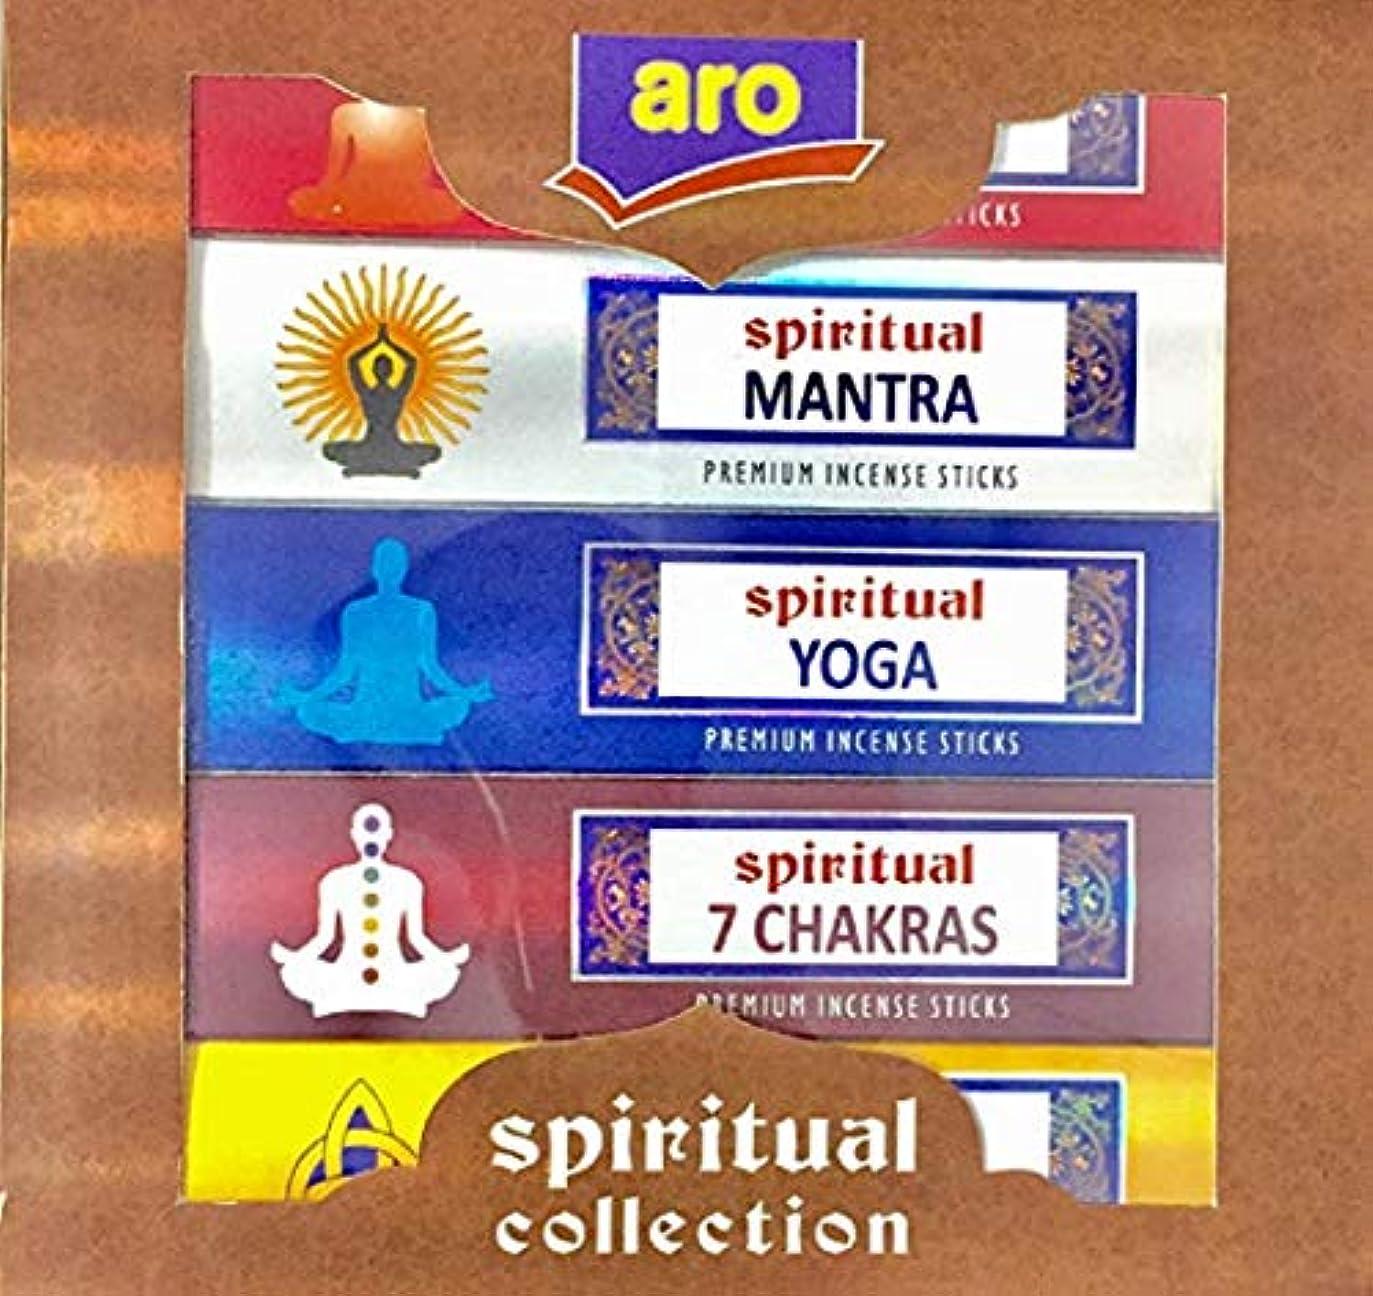 弁護人不信歌Aro – SpiritualコレクションプレミアムIncense Sticks – Spiritual Guru、Spiritual Mantra Spiritualヨガ、Spiritual、7チャクラ、& Spiritual...